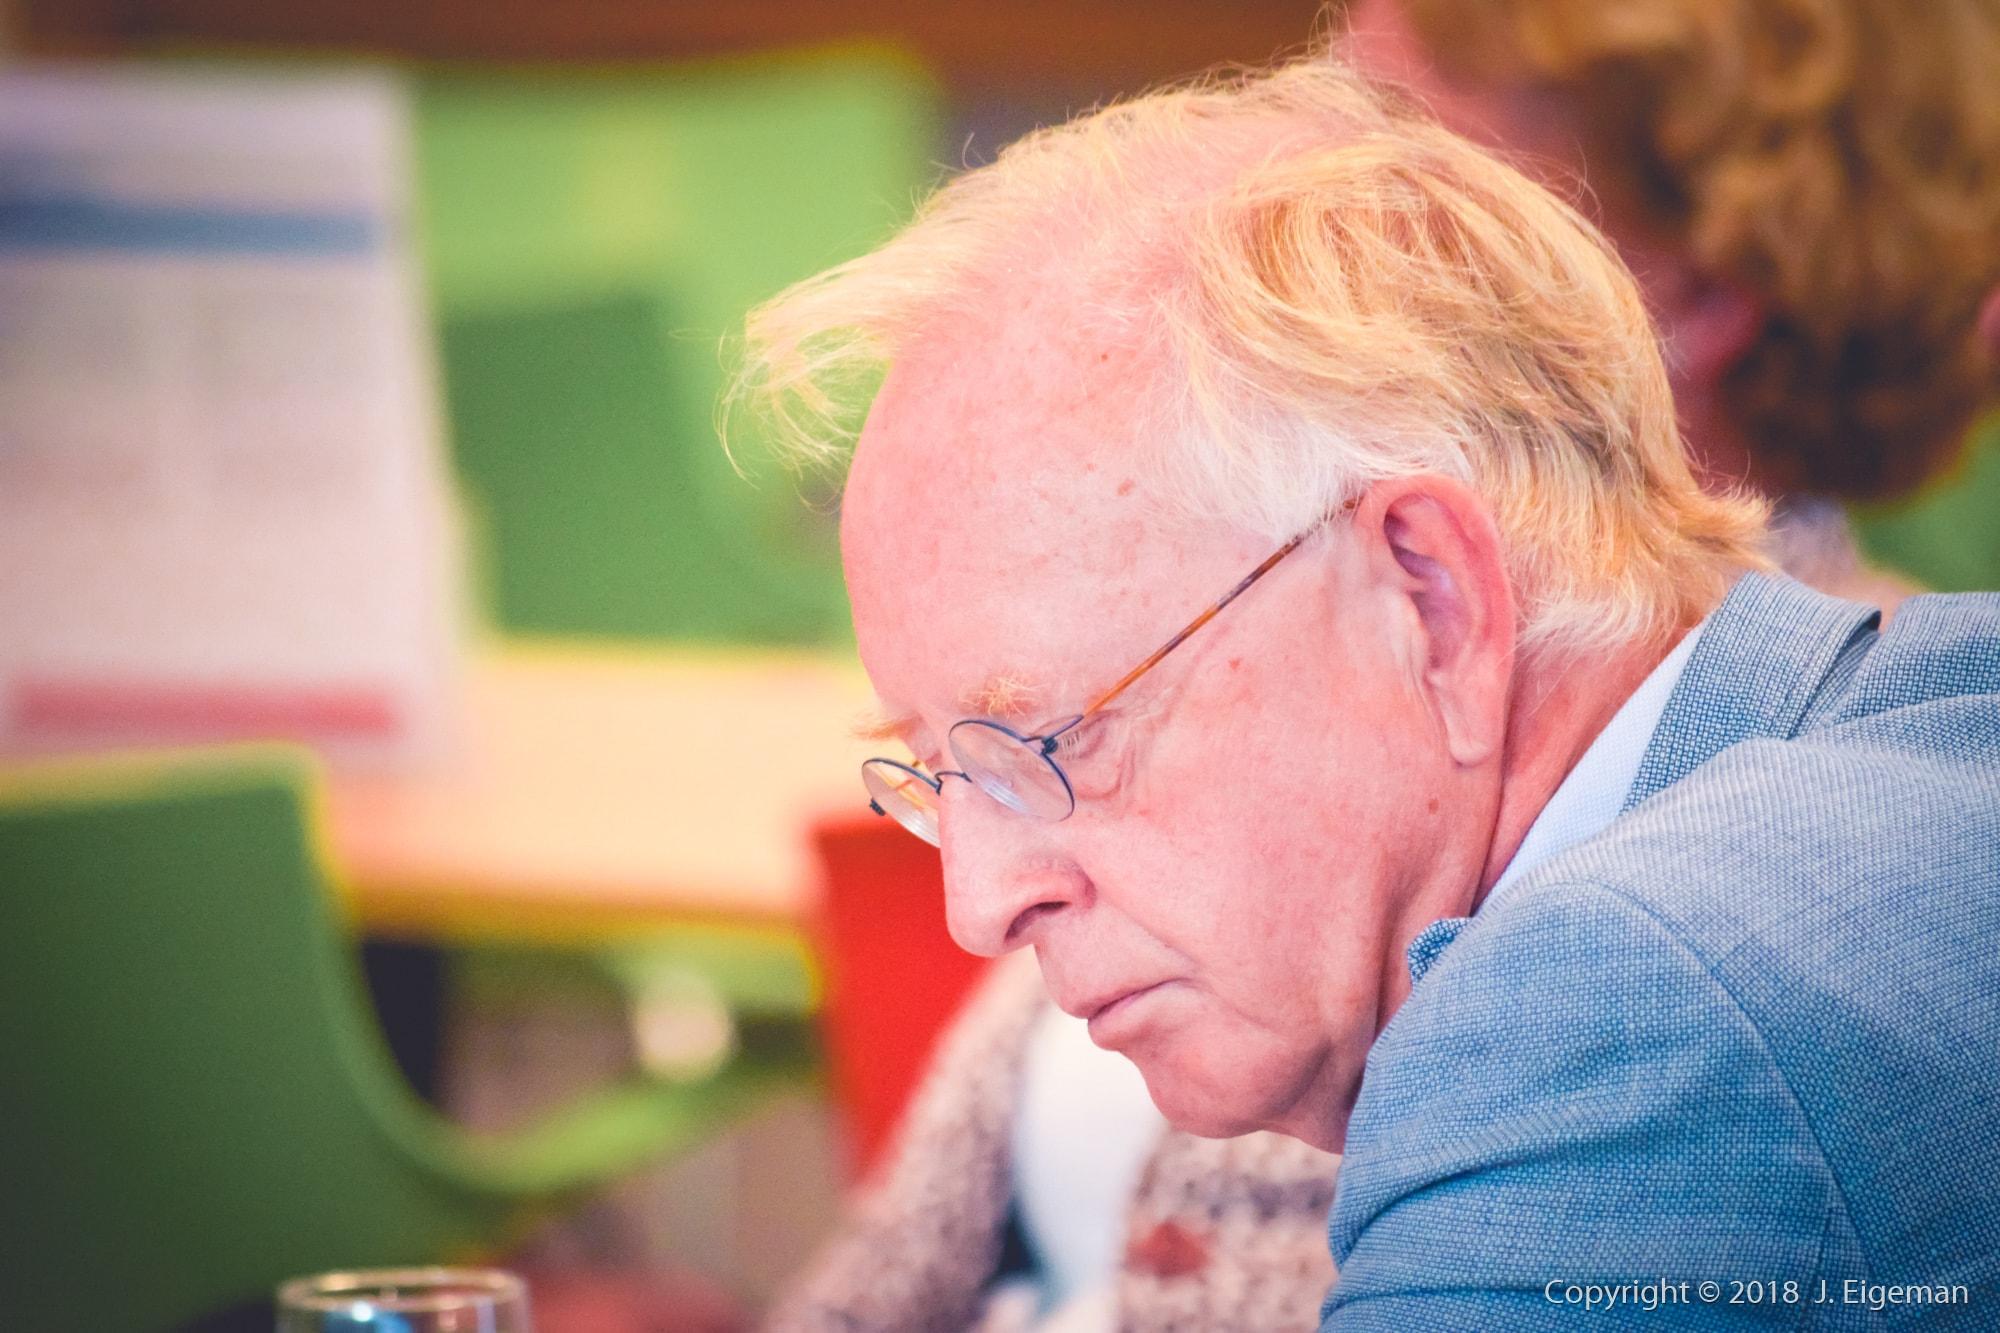 Zakelijke fotografie bijeenkomst Beter Business Spaarnelanden Haarlem (2)